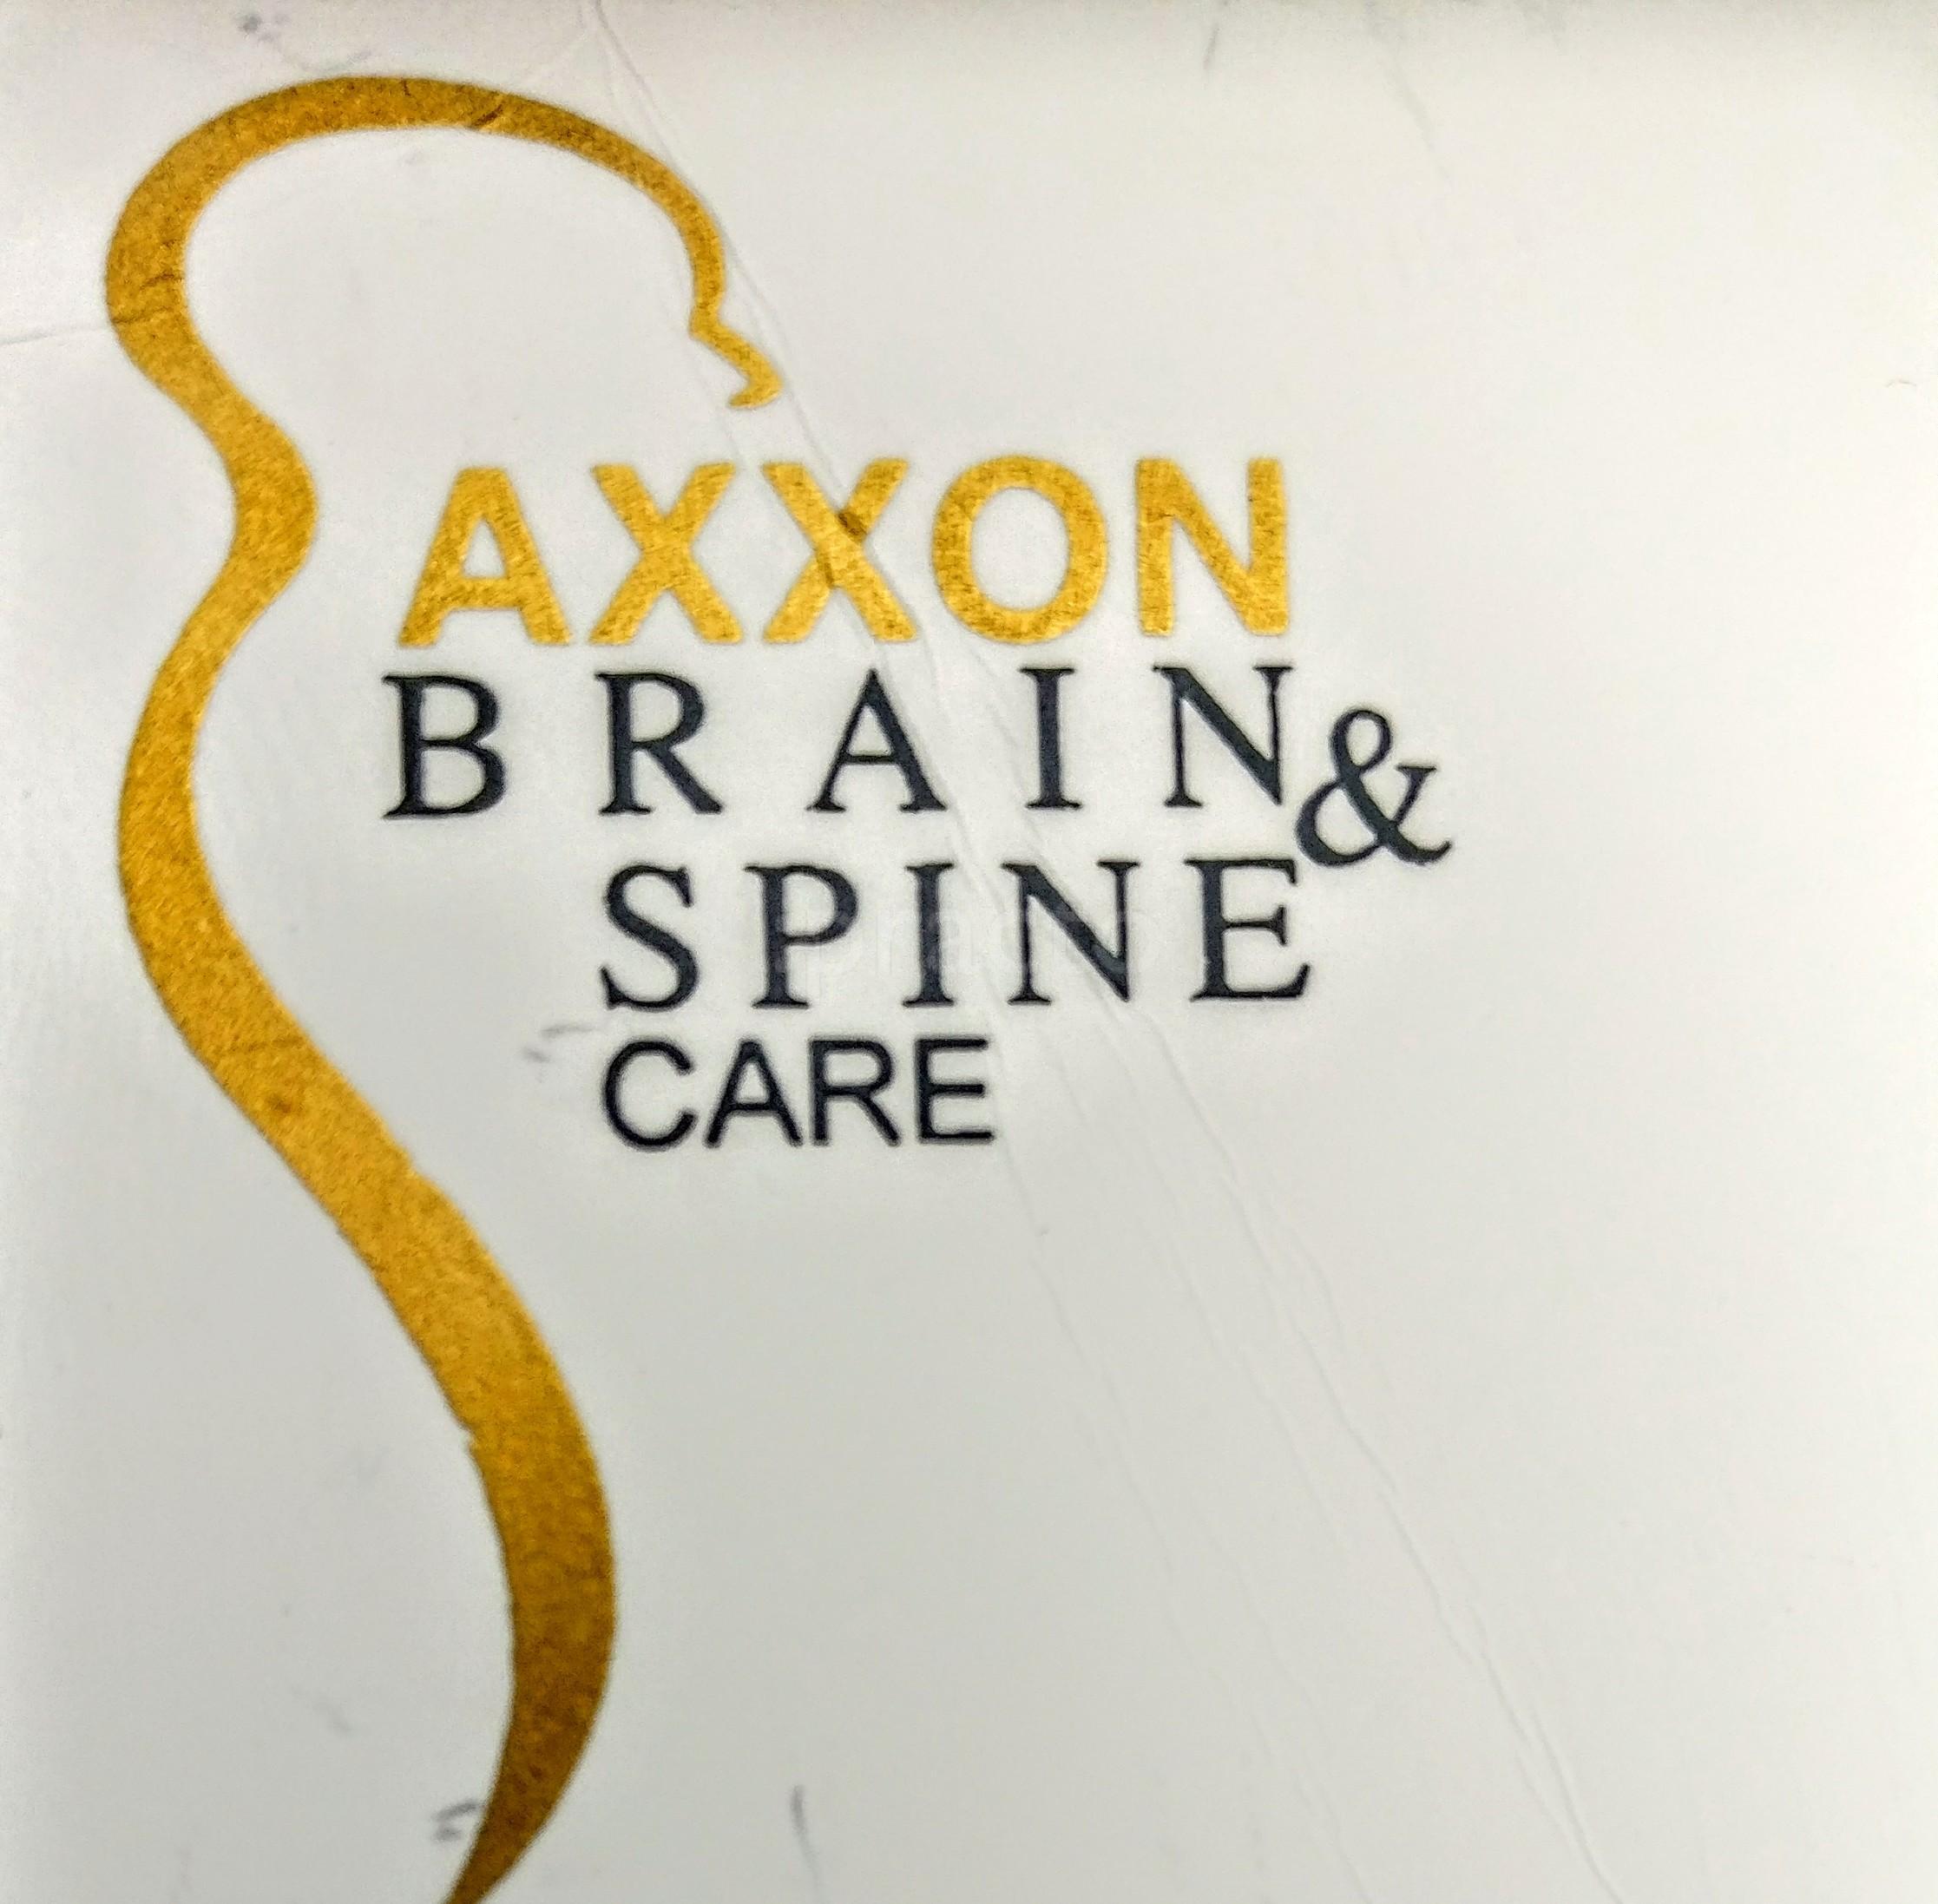 Axxon Brain & Spine Care